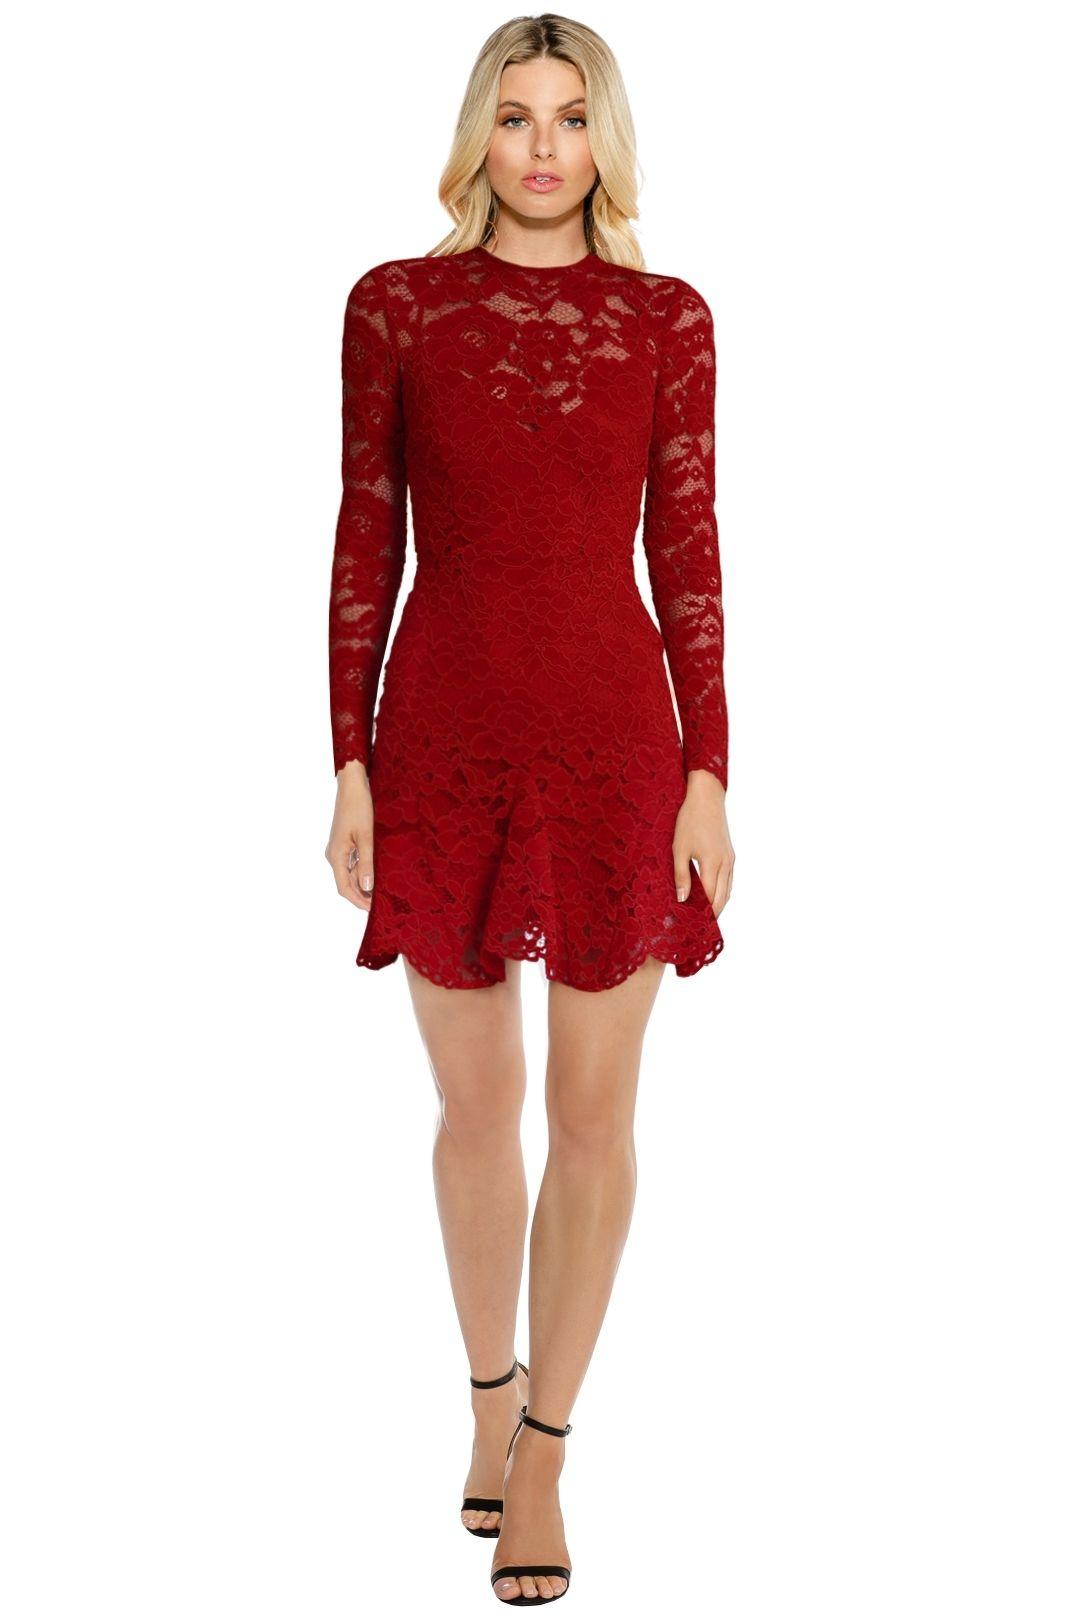 Yeojin Bae - Cornelli Lace Sofia - Red - Front